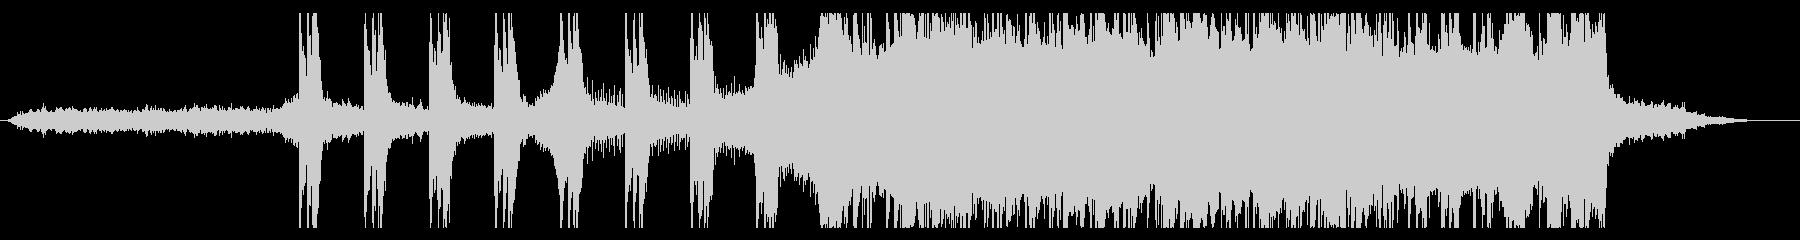 壮大なオーケストラ・映画オープニング系の未再生の波形